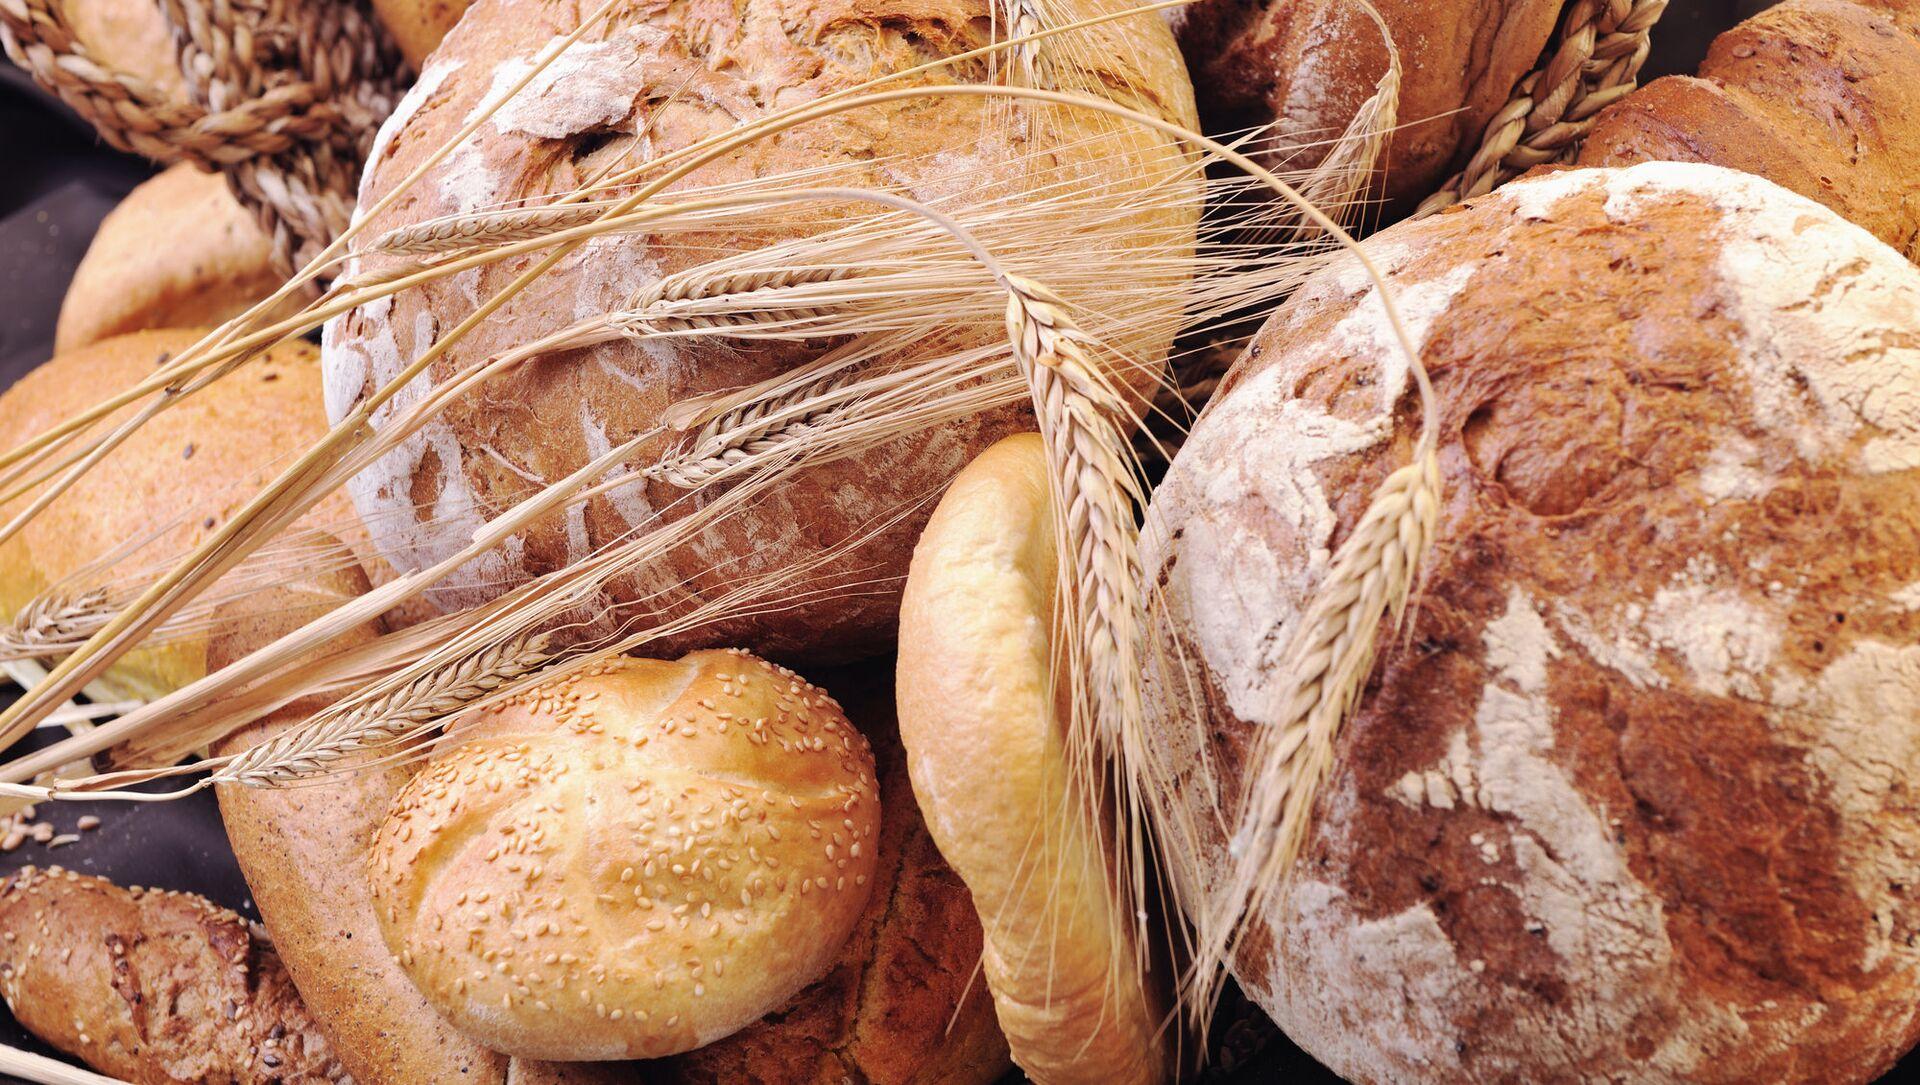 Čerstvě upečený chléb na stole - Sputnik Česká republika, 1920, 06.02.2021